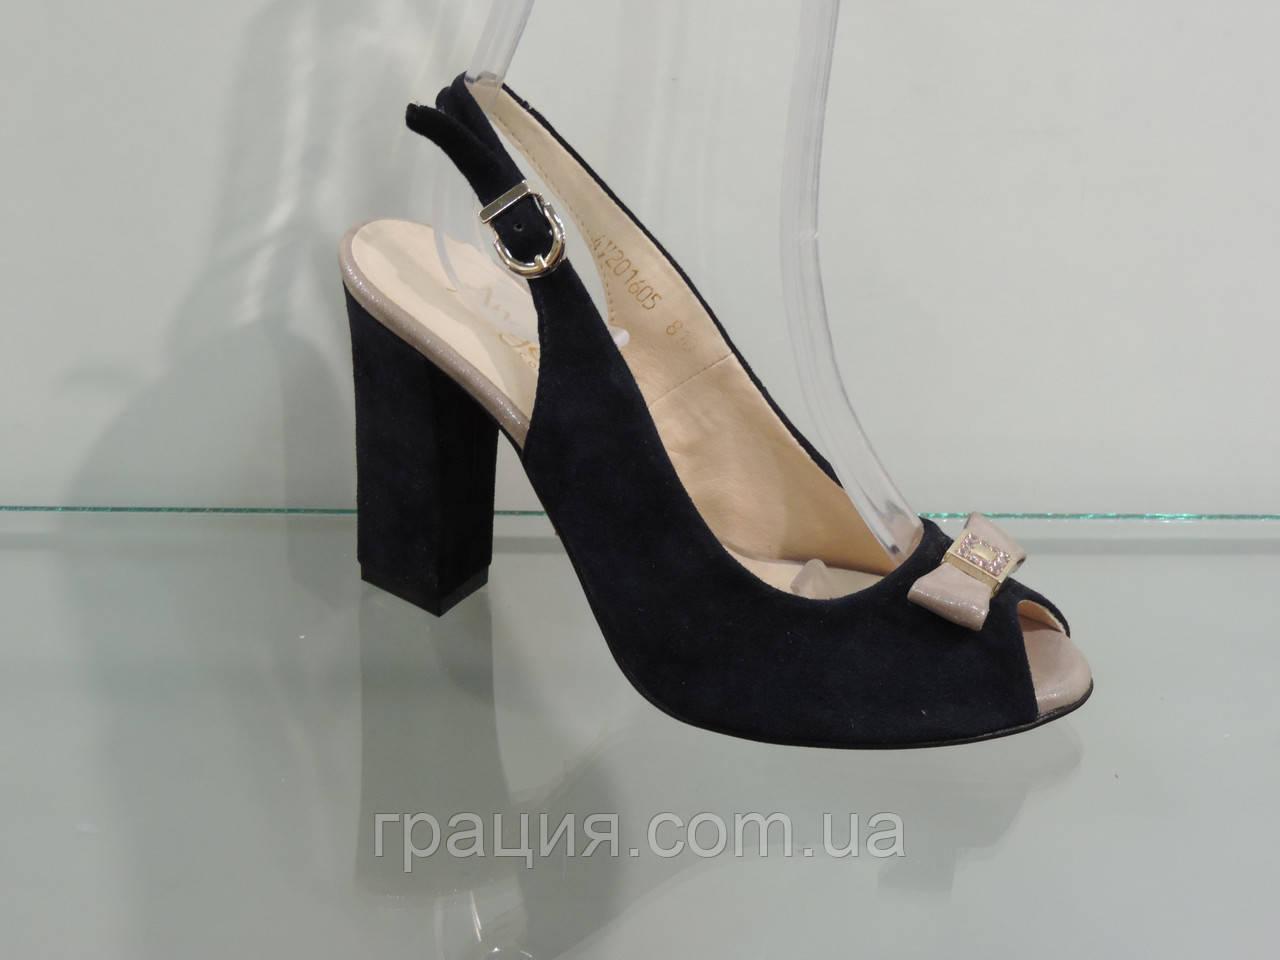 Женские красивые замшевые босоножки на каблуке